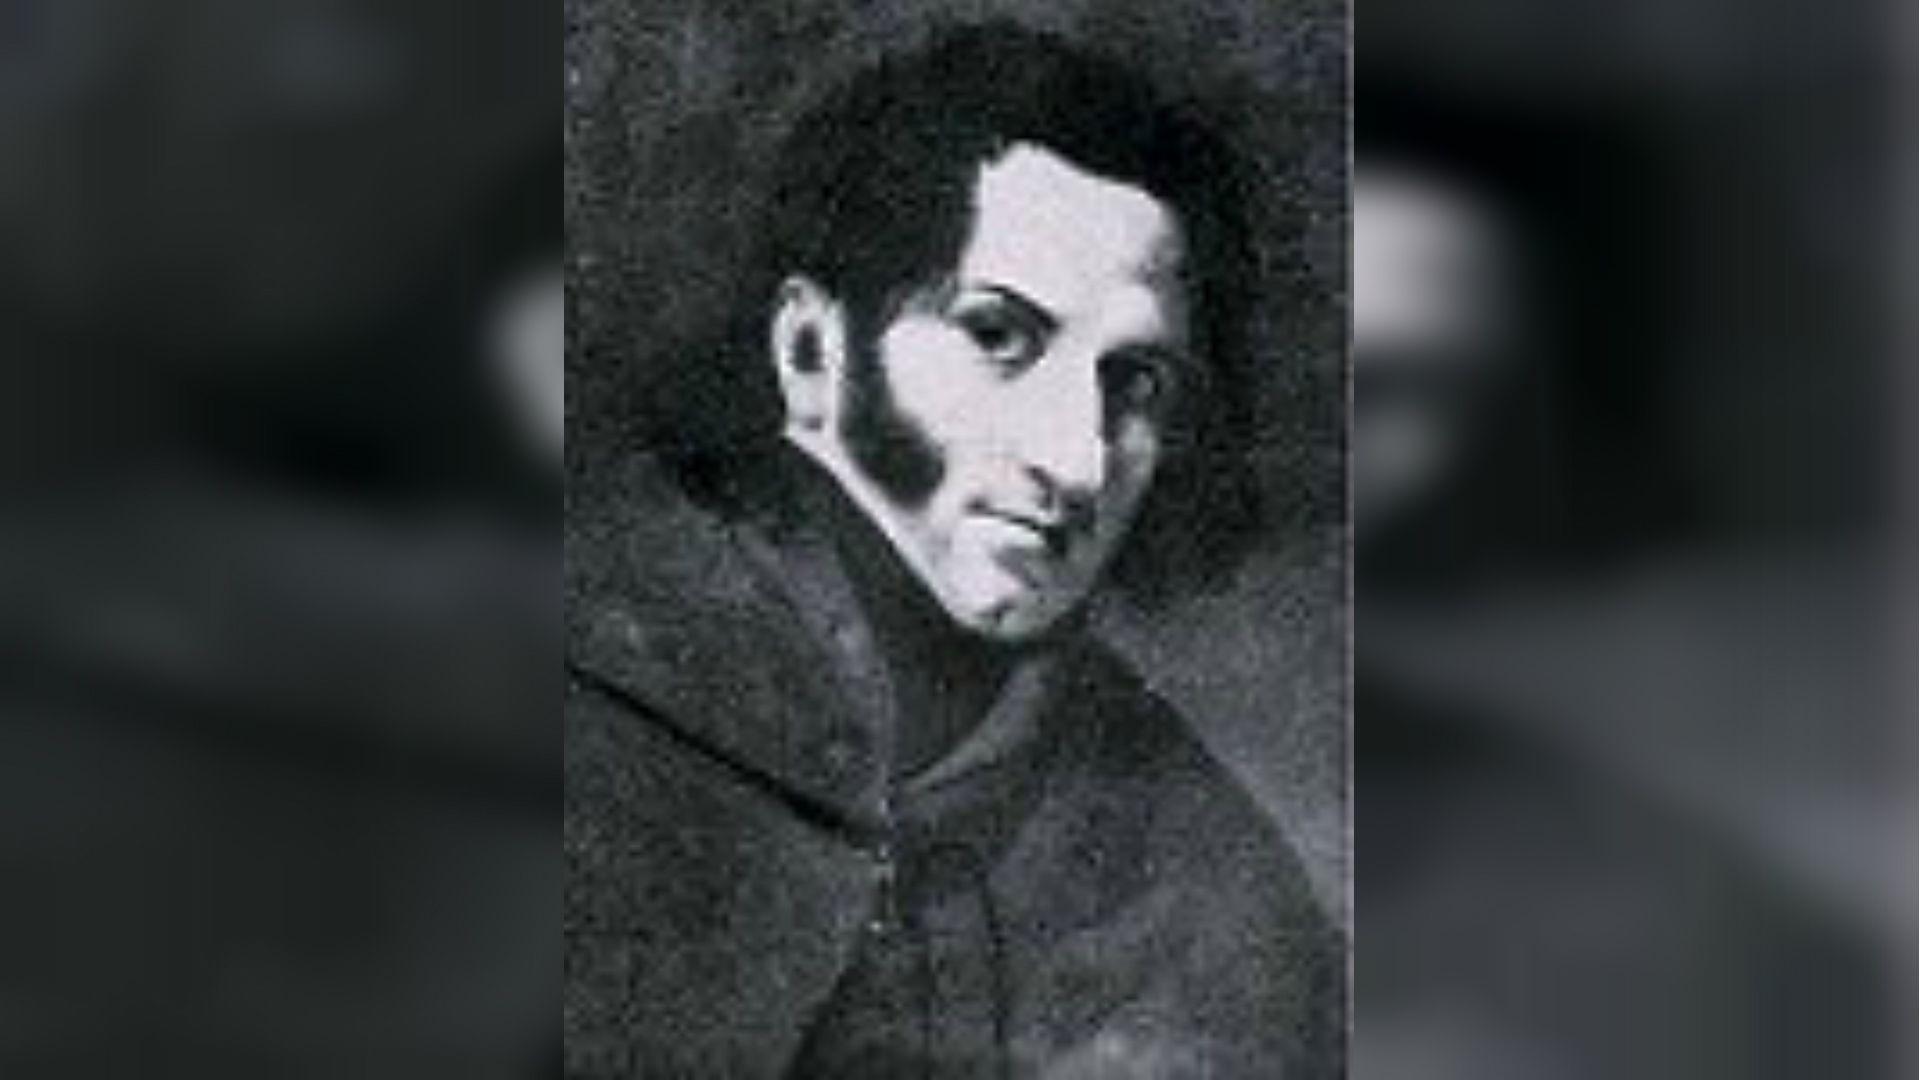 El conde fue perseguido en distintos países por sus ideas liberales (Imagen: Editorial Cosmos.com)